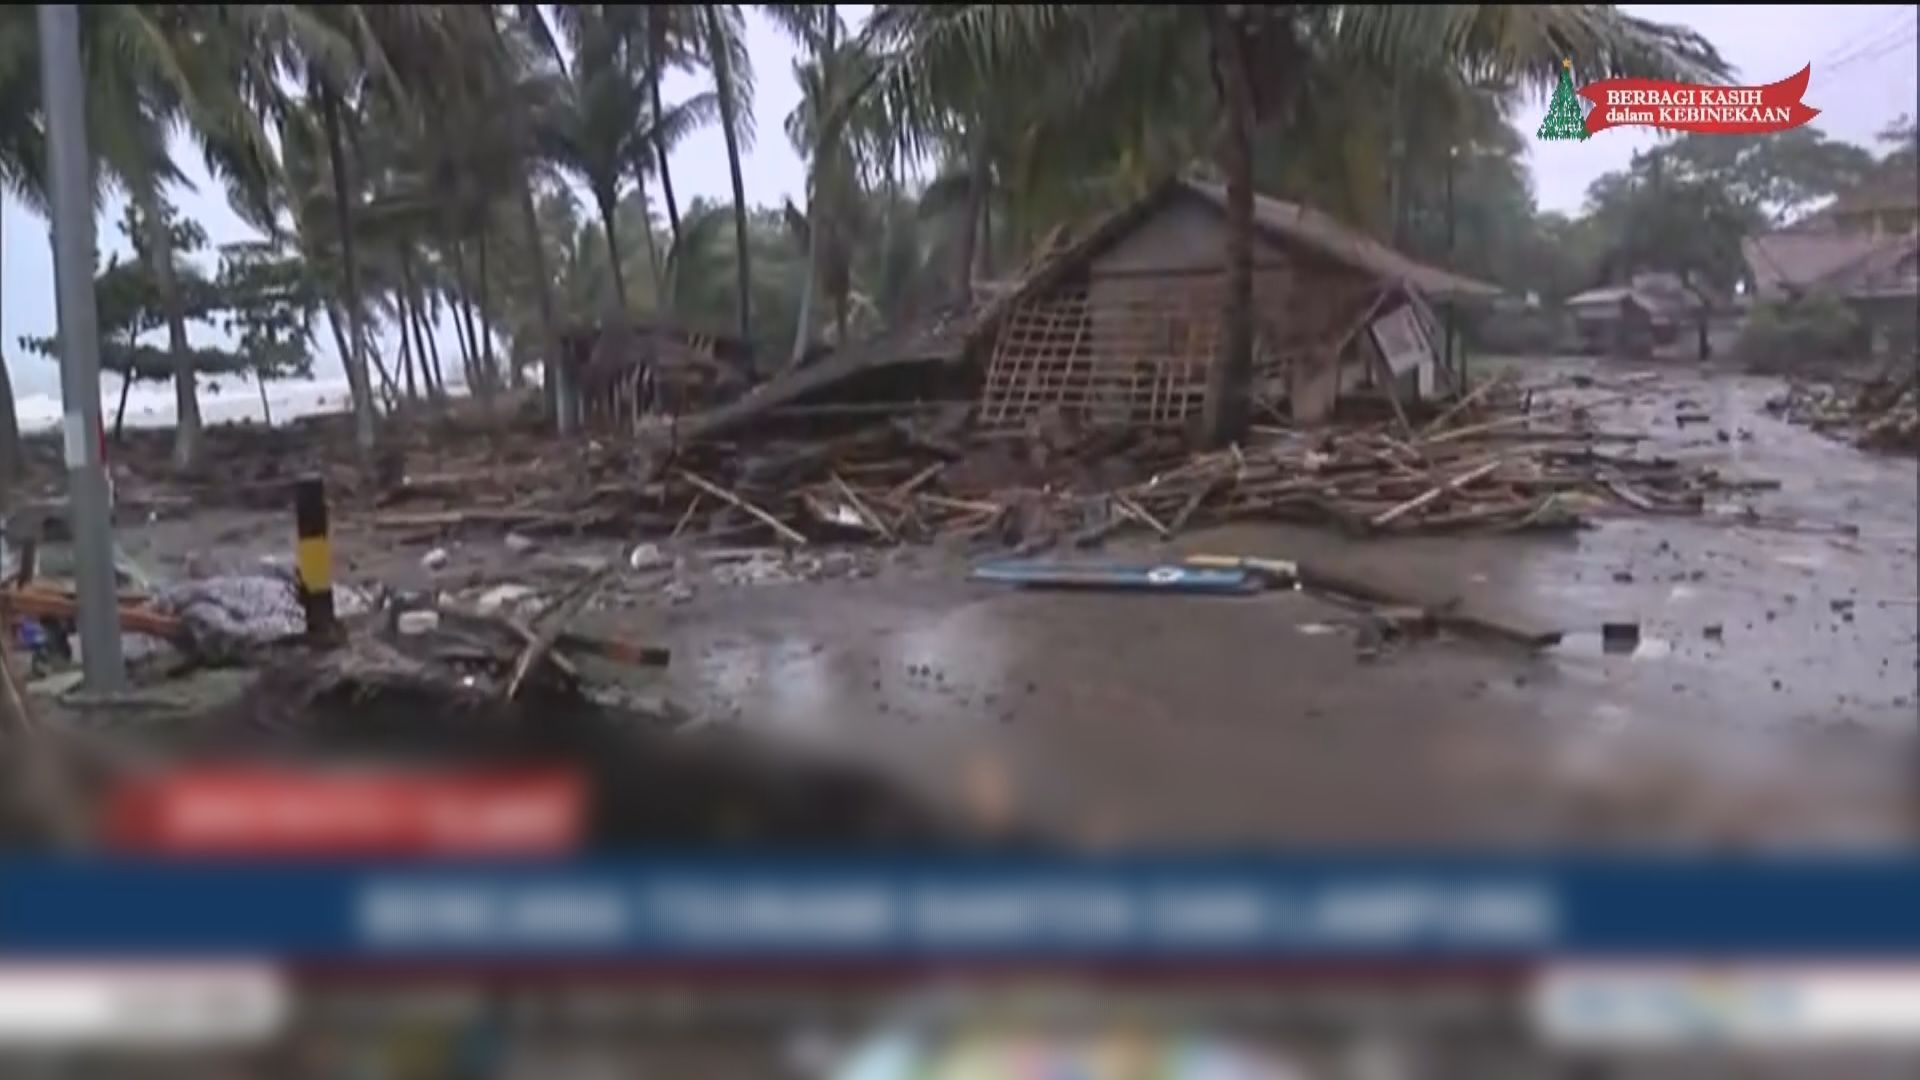 印尼西部海嘯 居民:無收到海嘯警報